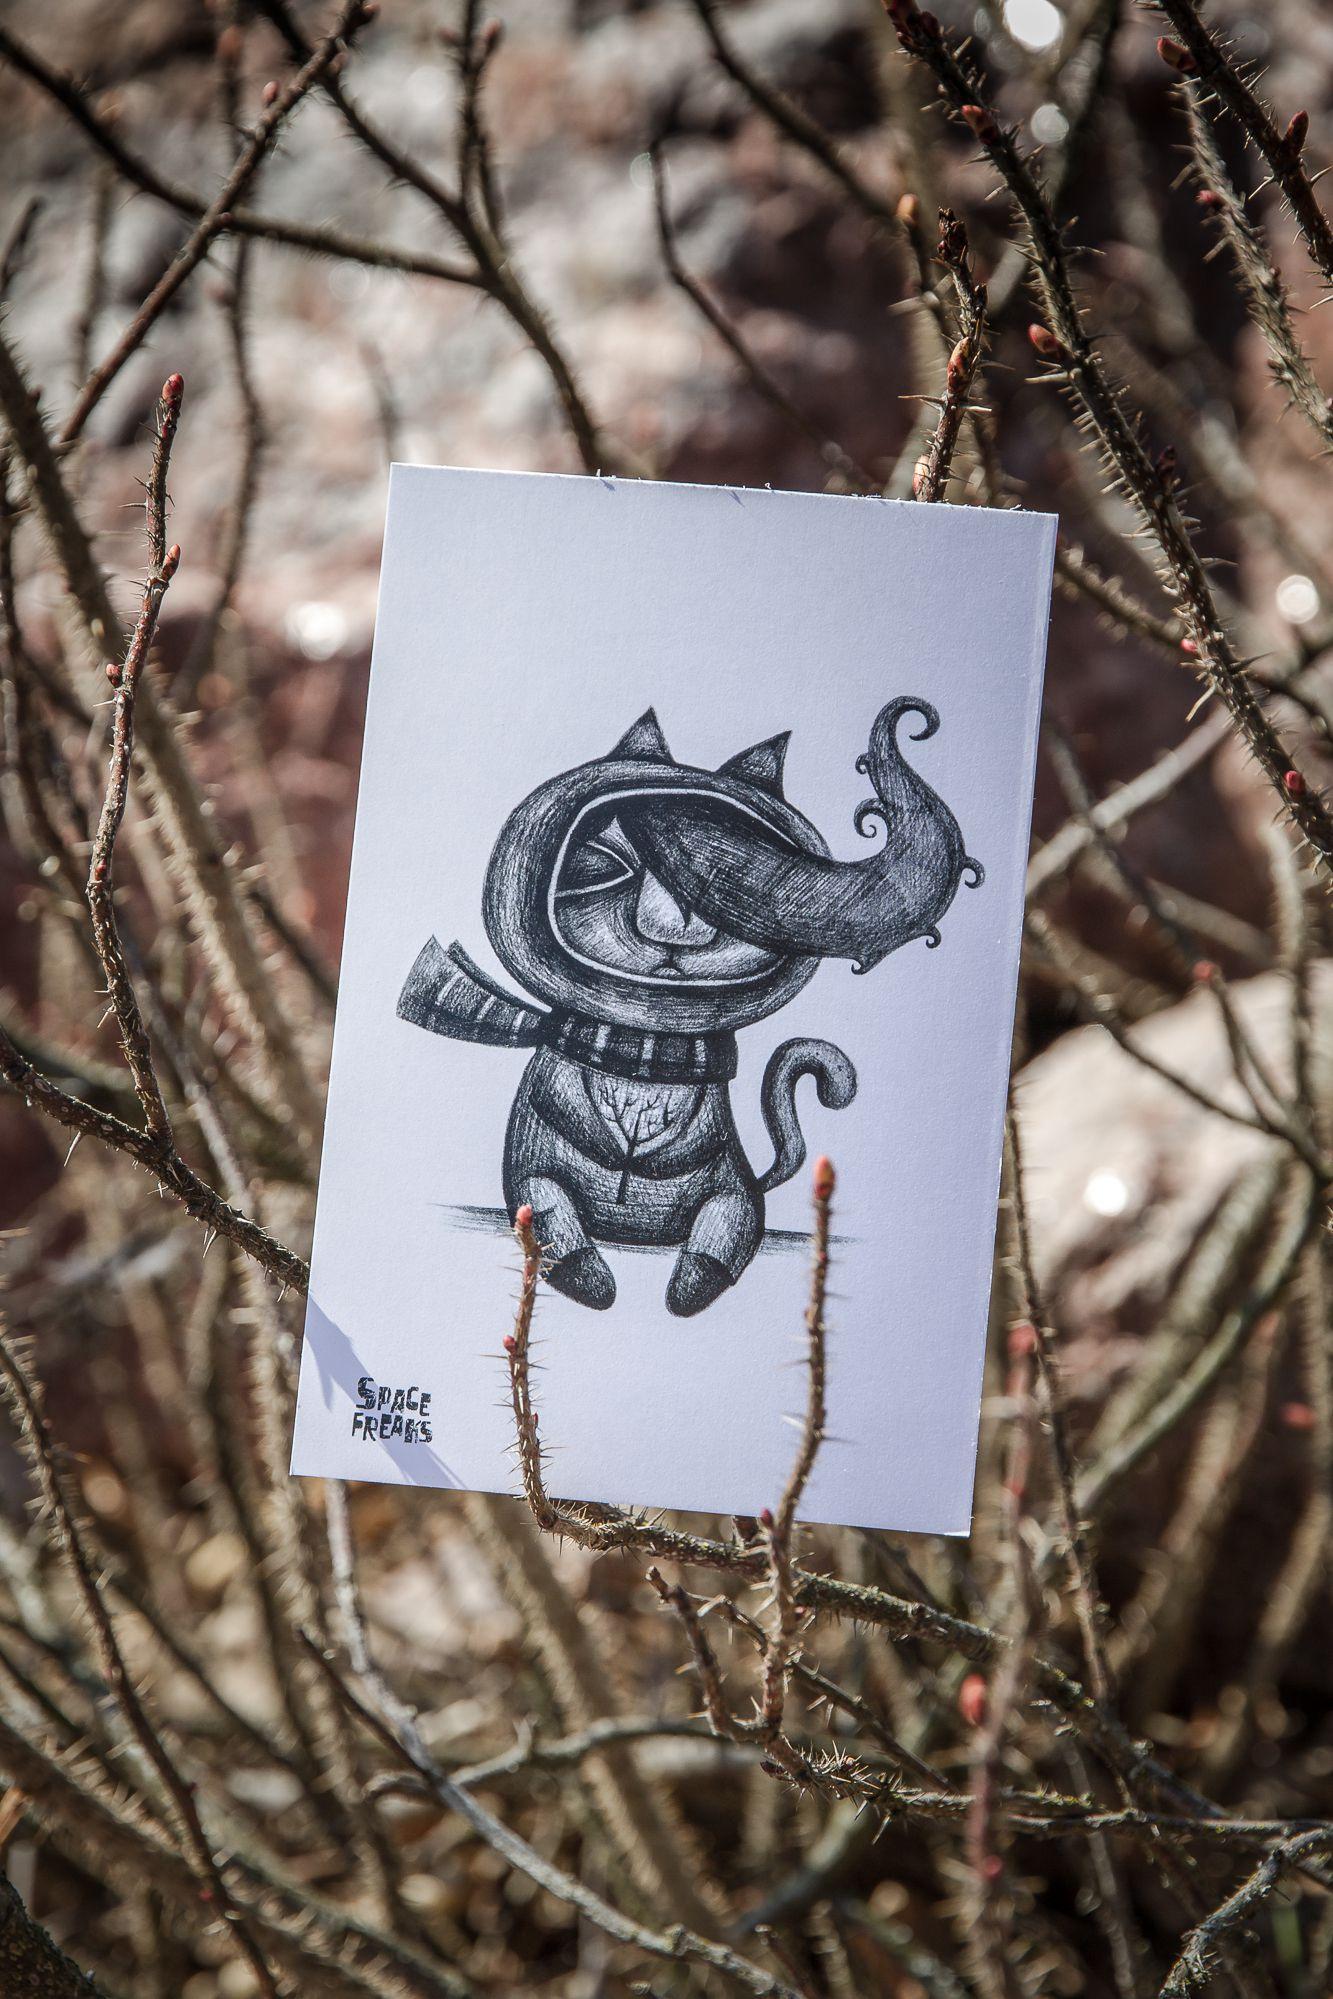 remembrance surprise card gift сюрприз знаквнимания открытка подарок мыслитель. spacefreaks